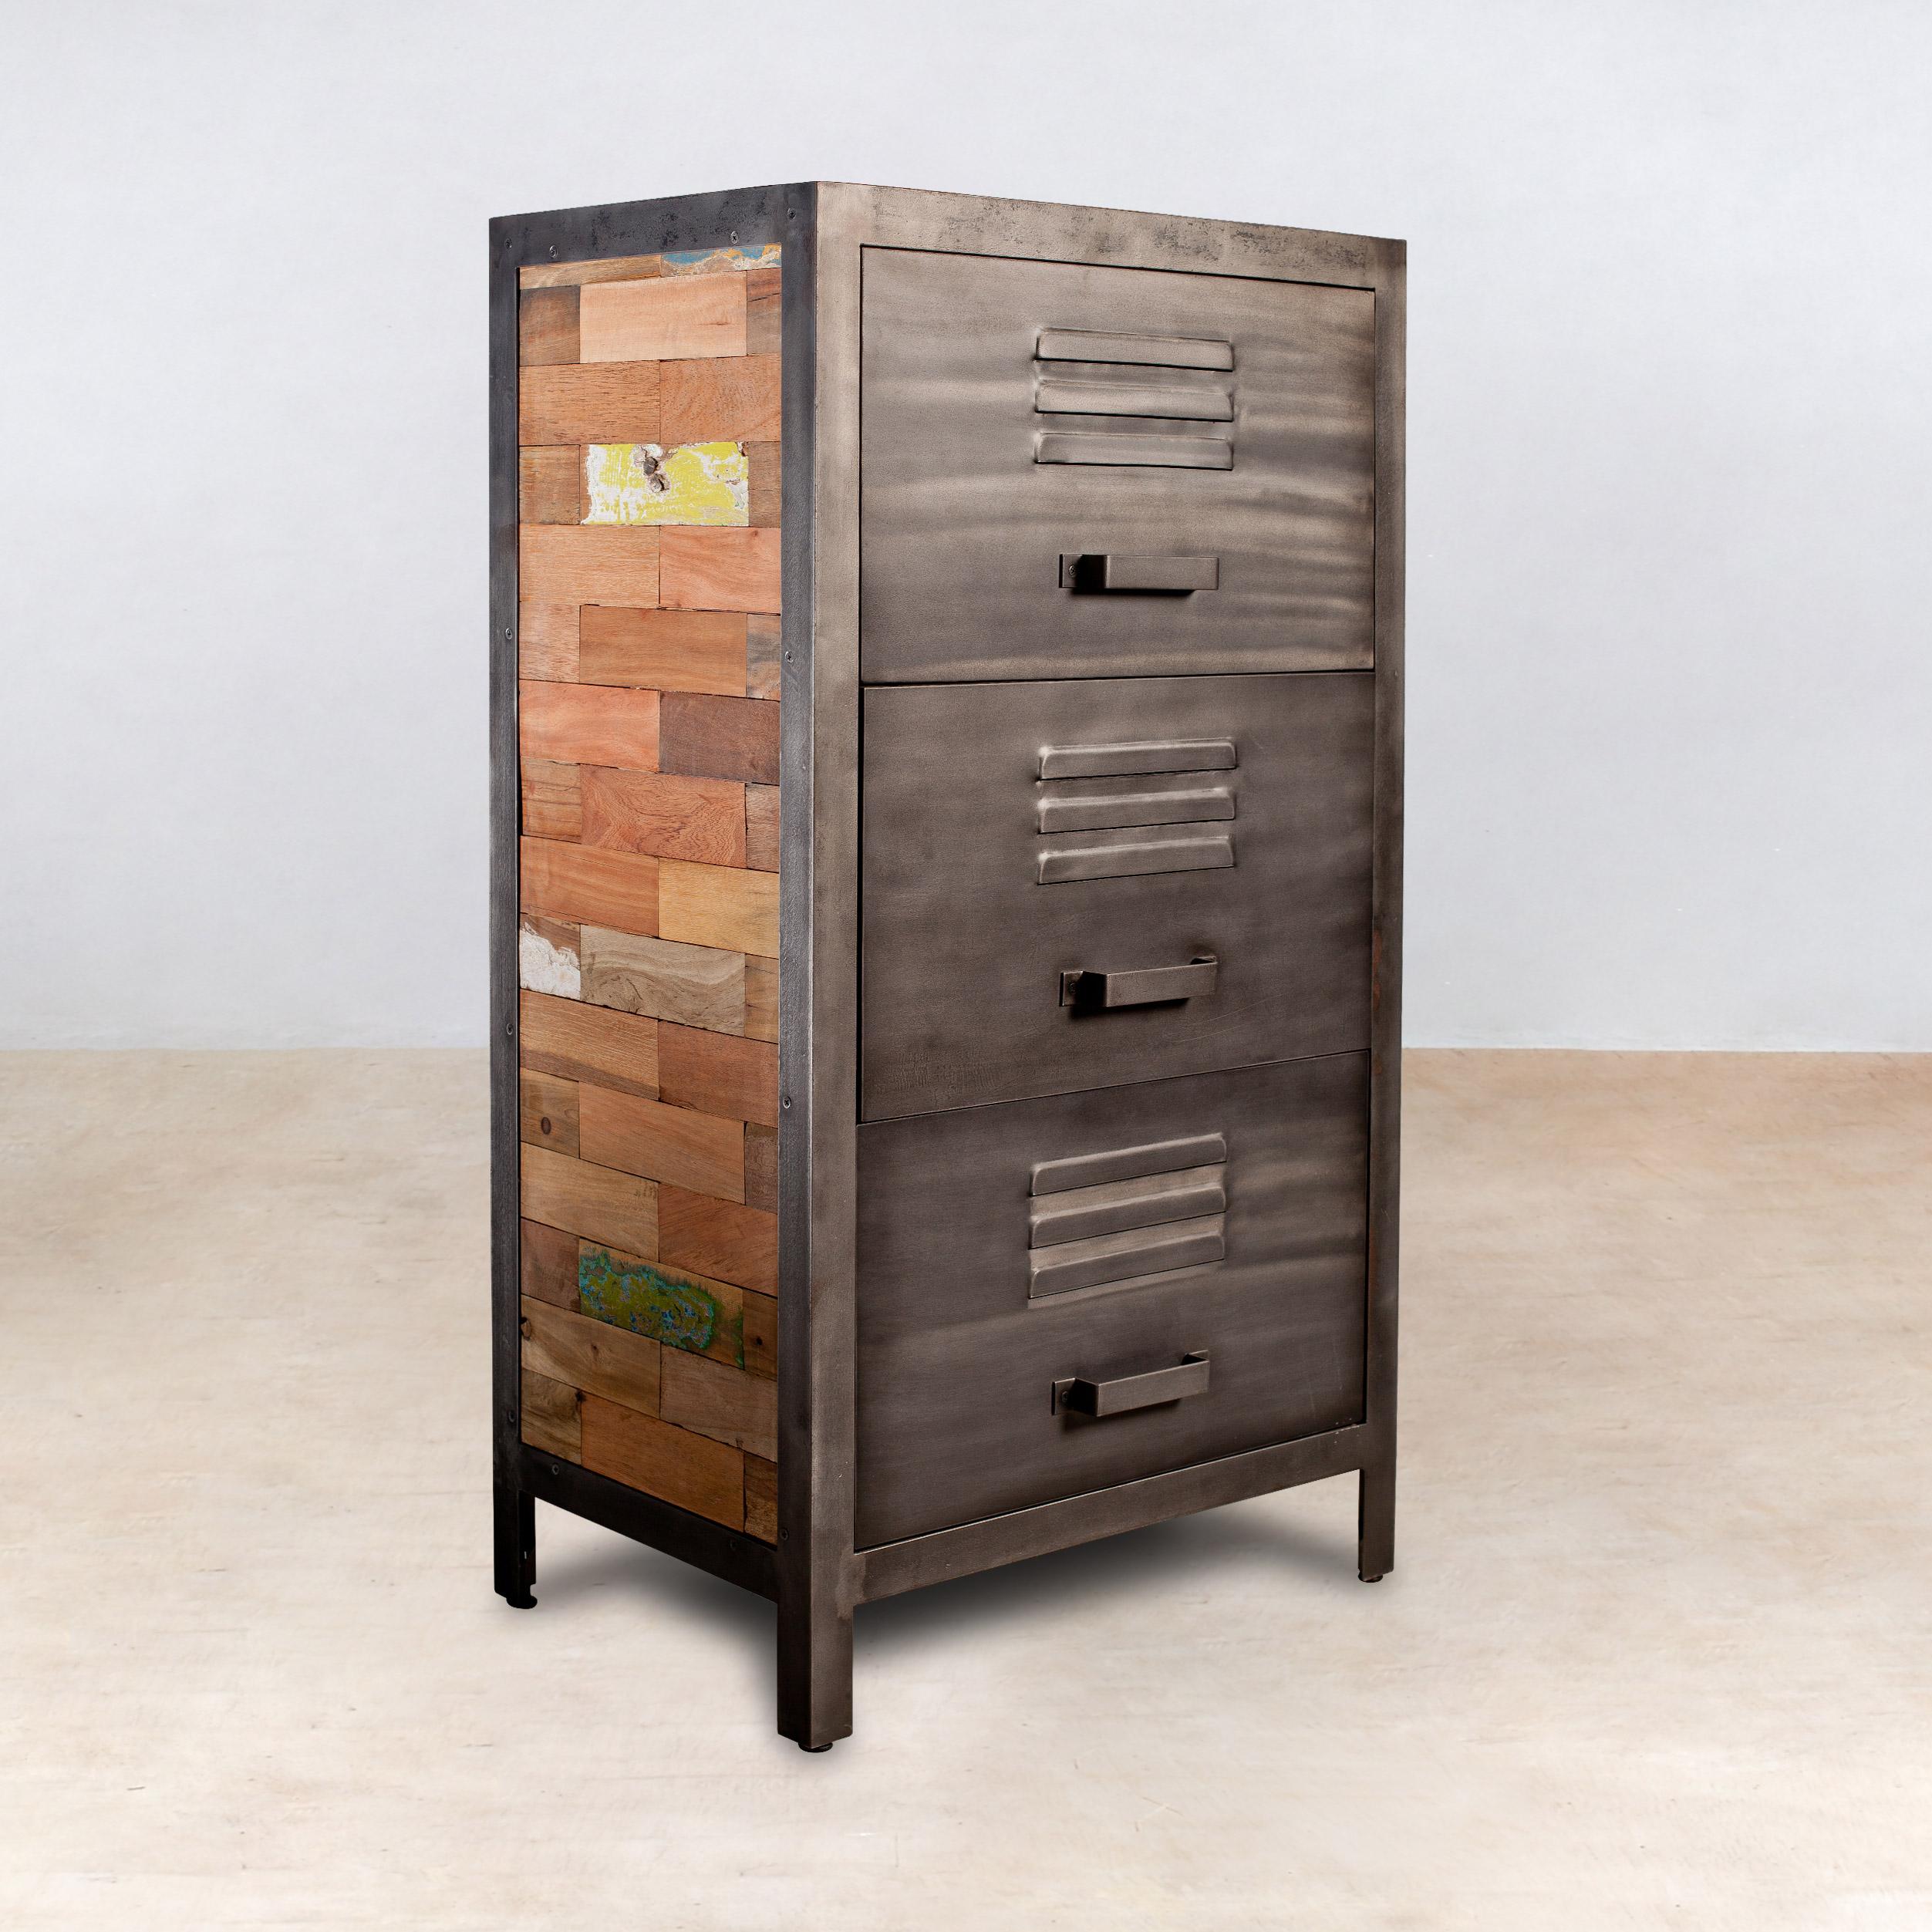 meuble de rangement bois recycle 3 tiroirs metal 60x40x110cm caravelle